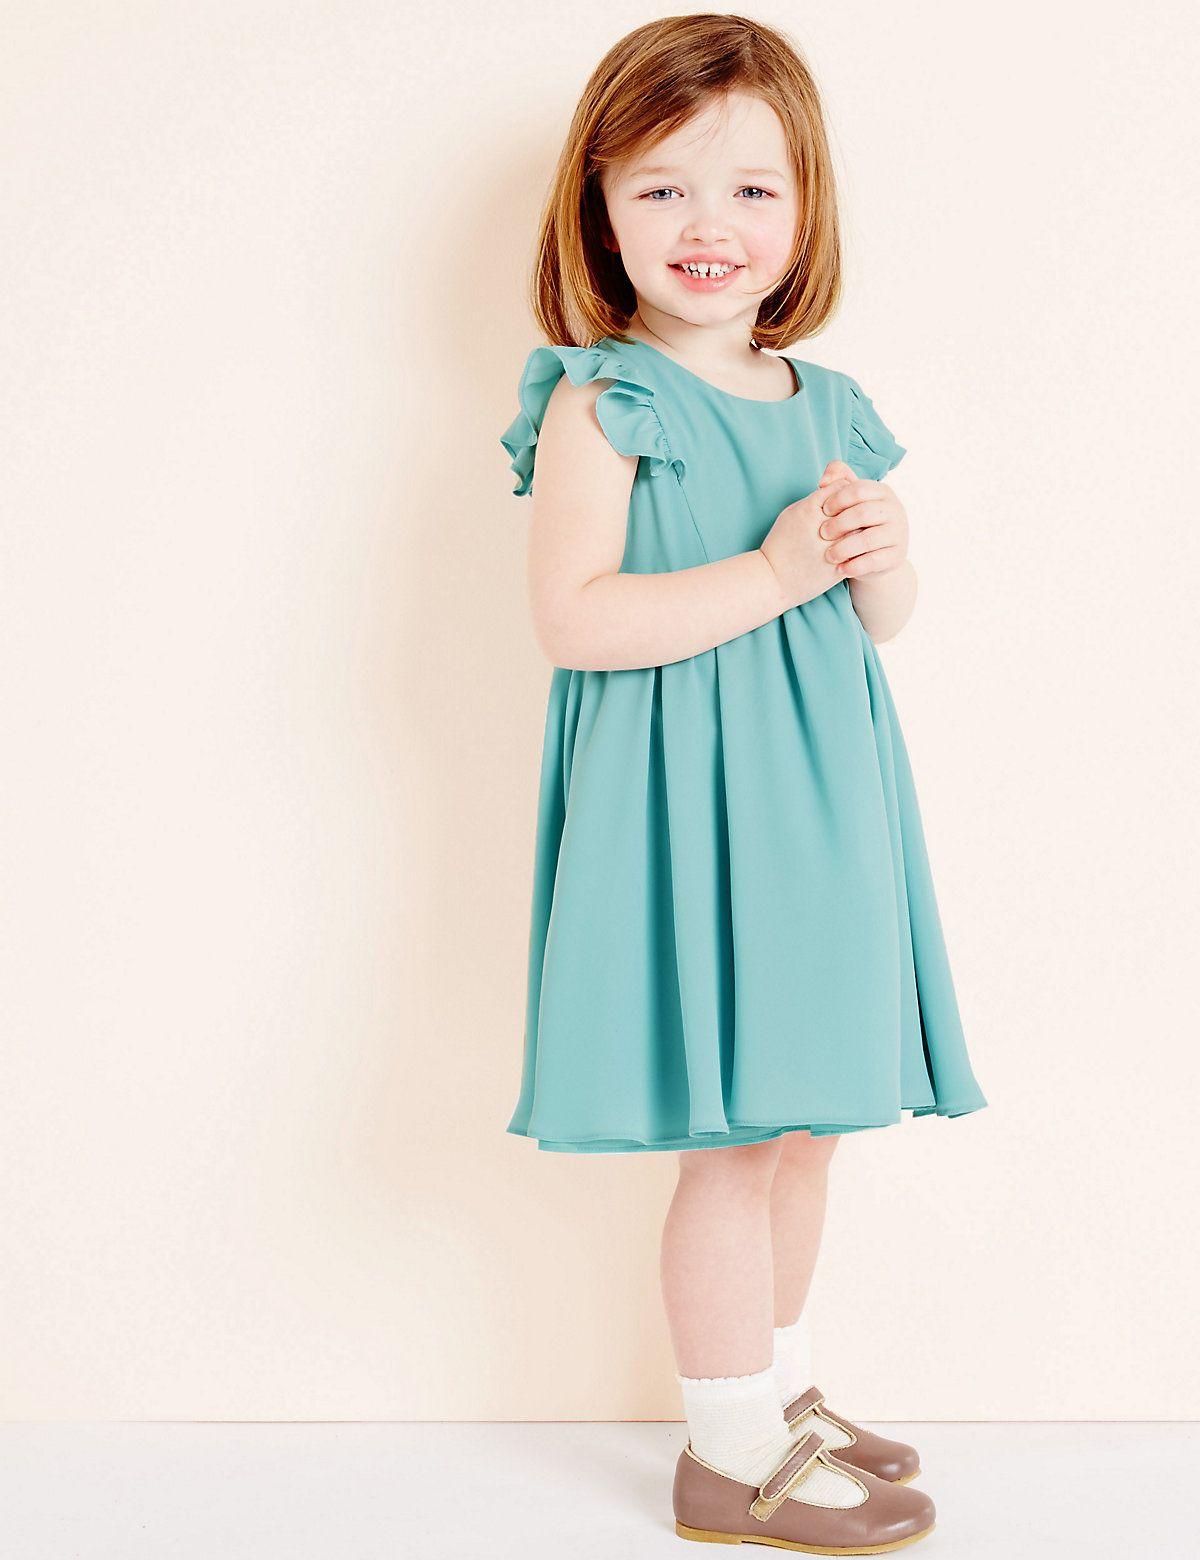 Girls Woven Party Dress (3 Months - 5 Years) | Dress designs | Pinterest